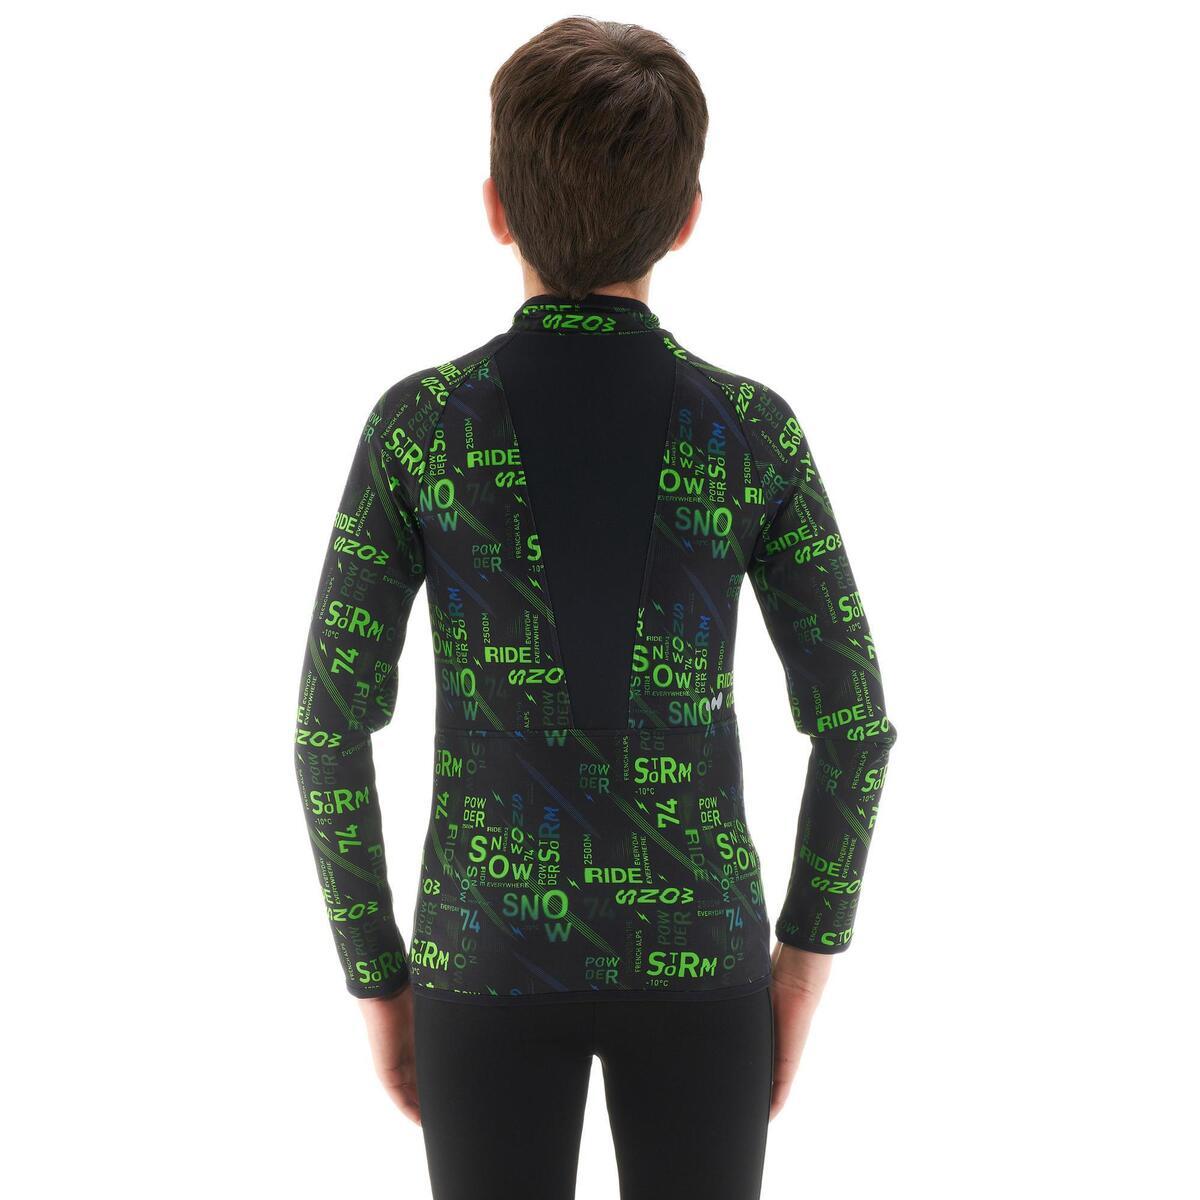 Bild 5 von Skiunterhemd Funktionsshirt Freshwarm Kinder Graphik